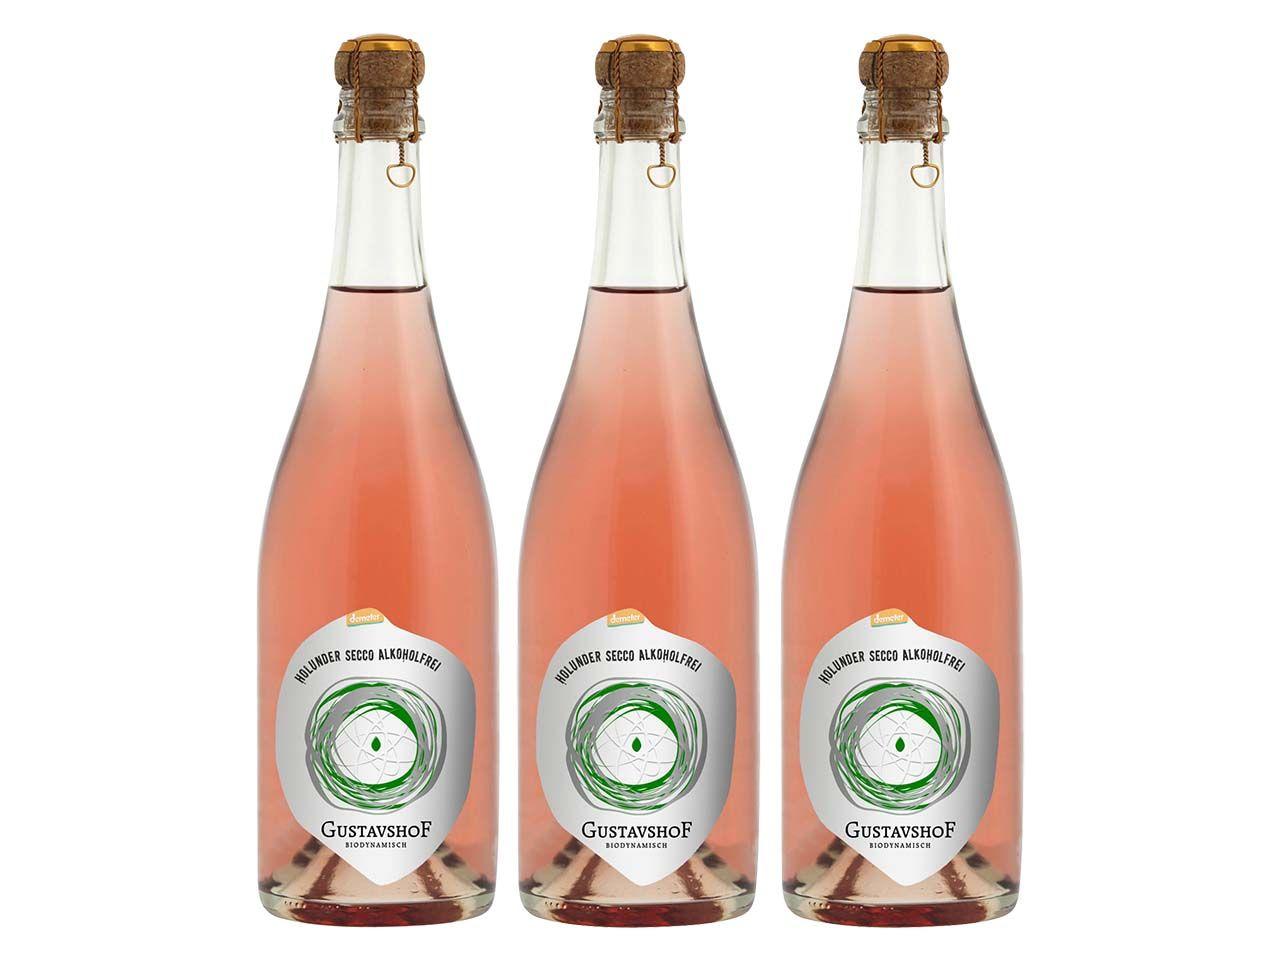 3er-Pack. Gustavshof Alkoholfreier Bio-Holunder-Secco 0,75 l